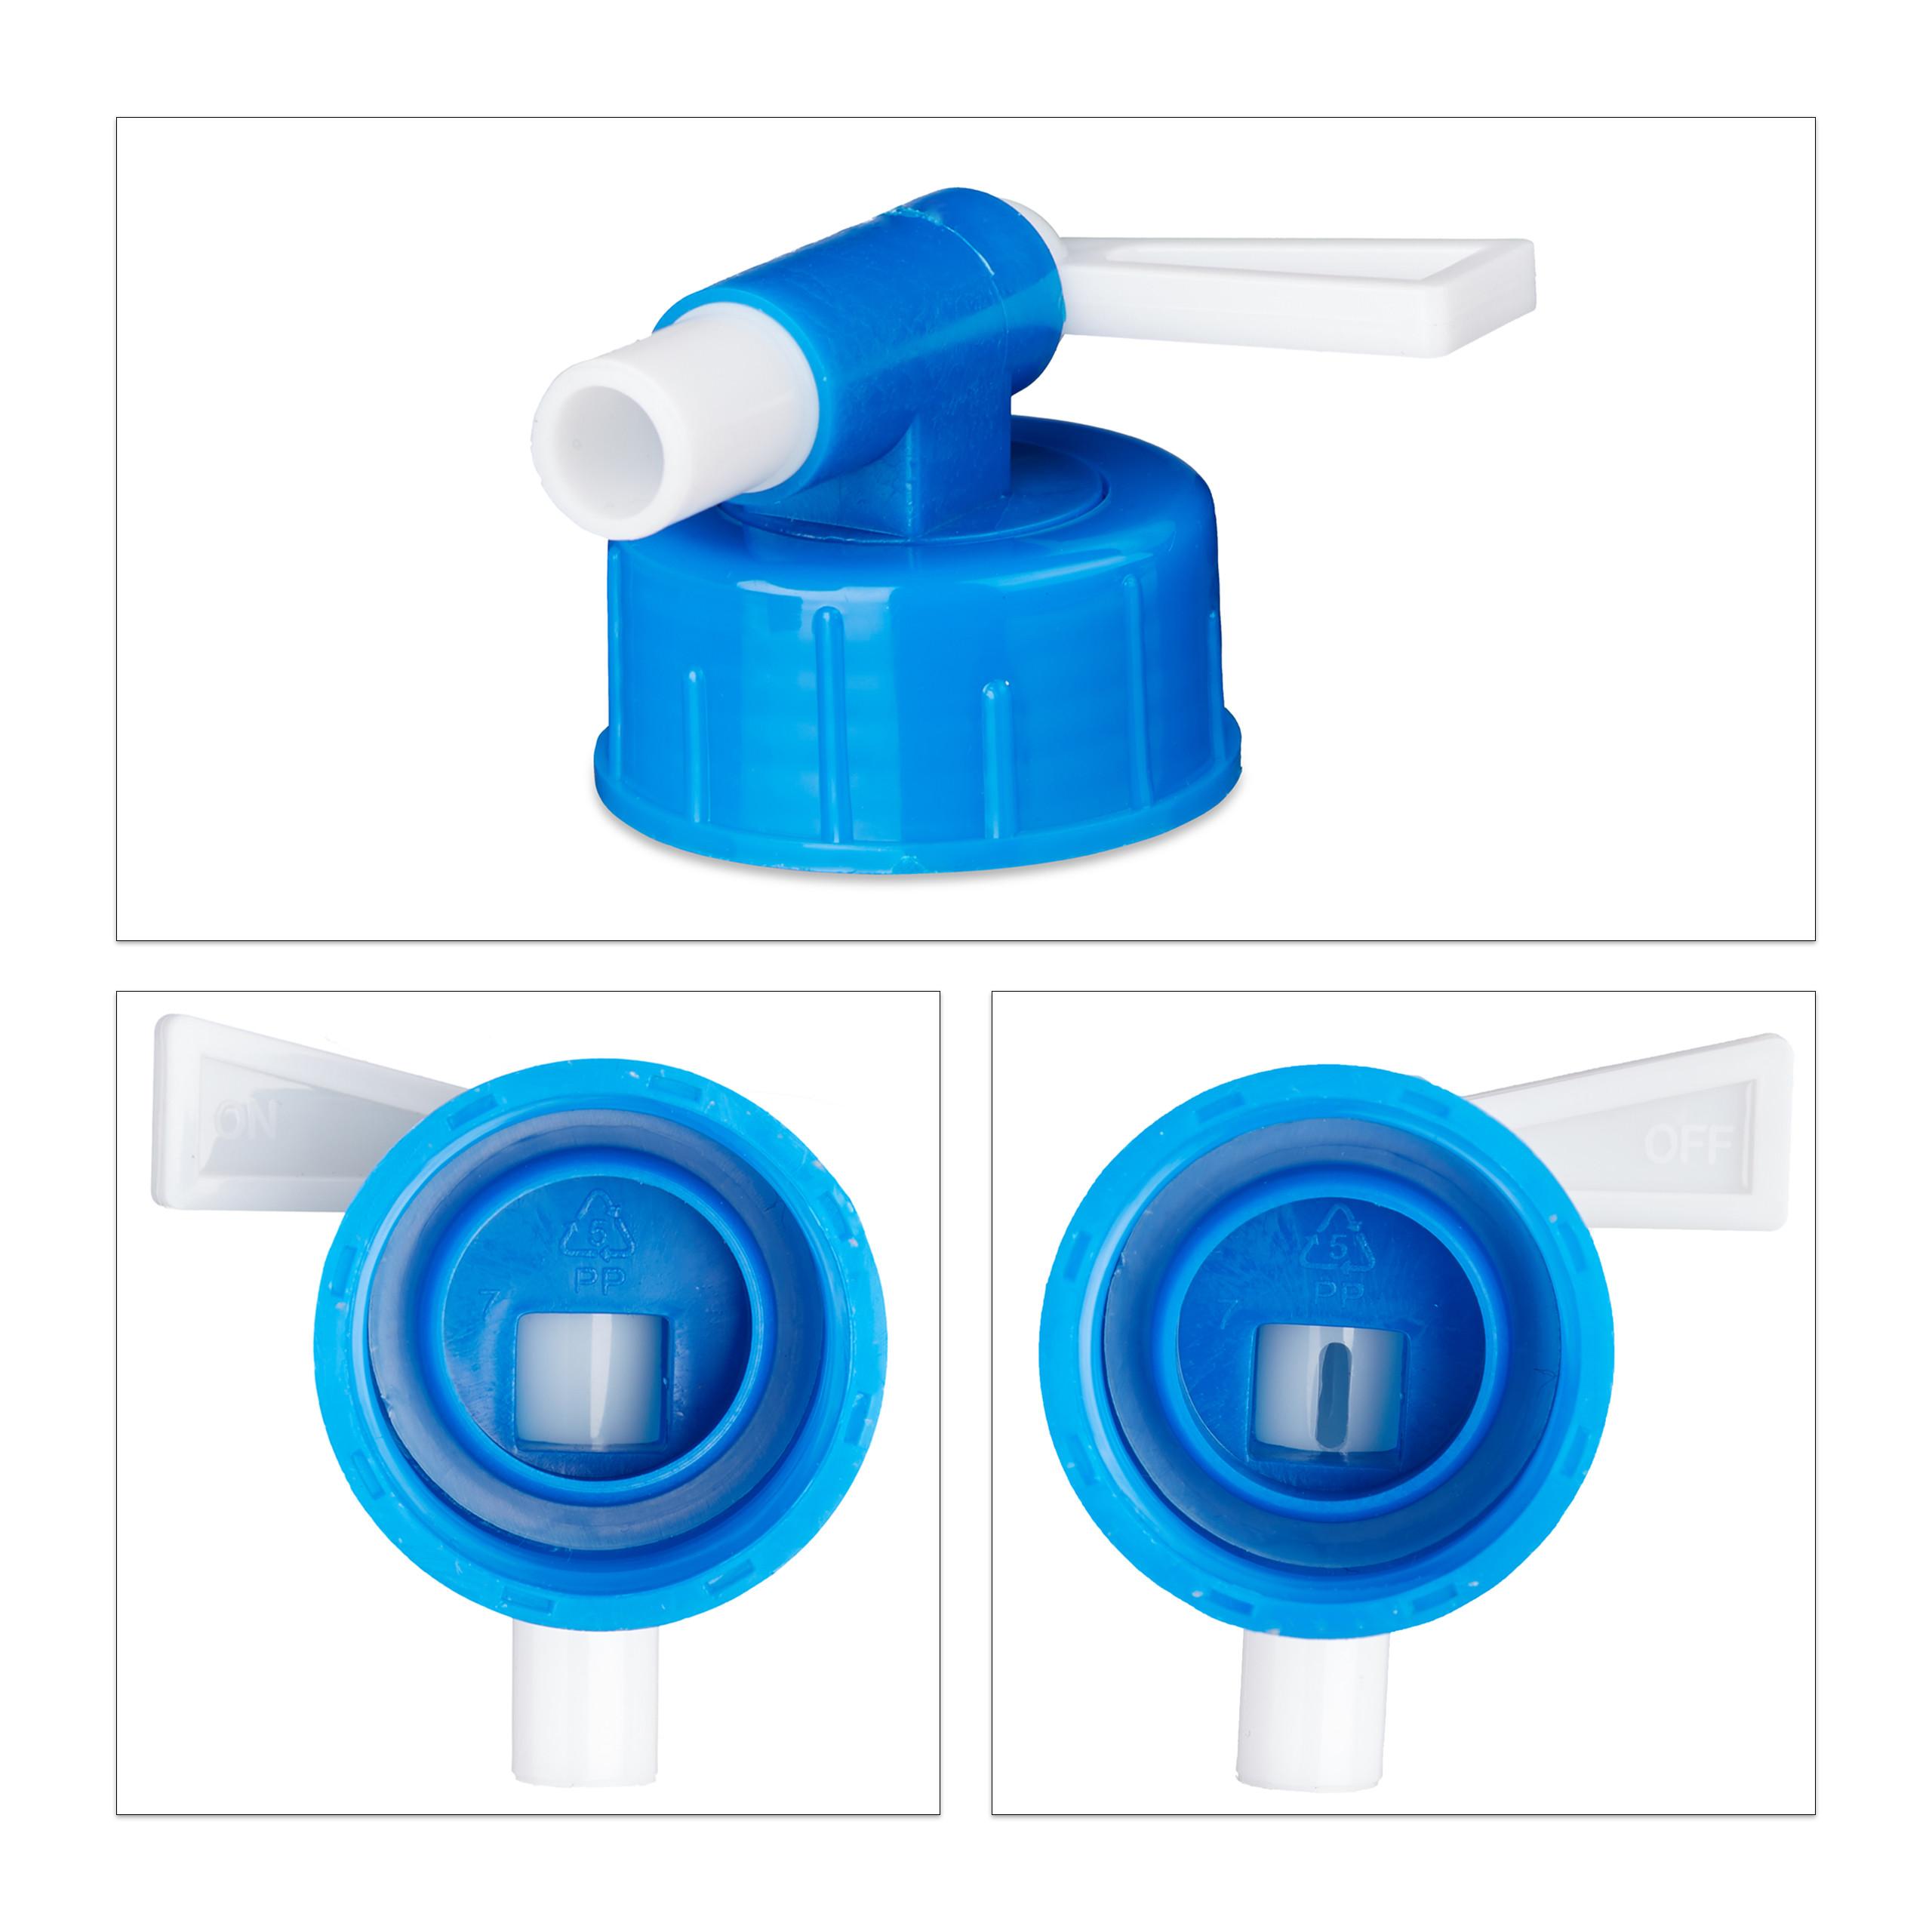 Indexbild 17 - Wasserkanister faltbar 4er Set Faltkanister Camping Trinkwasserkanister BPA frei